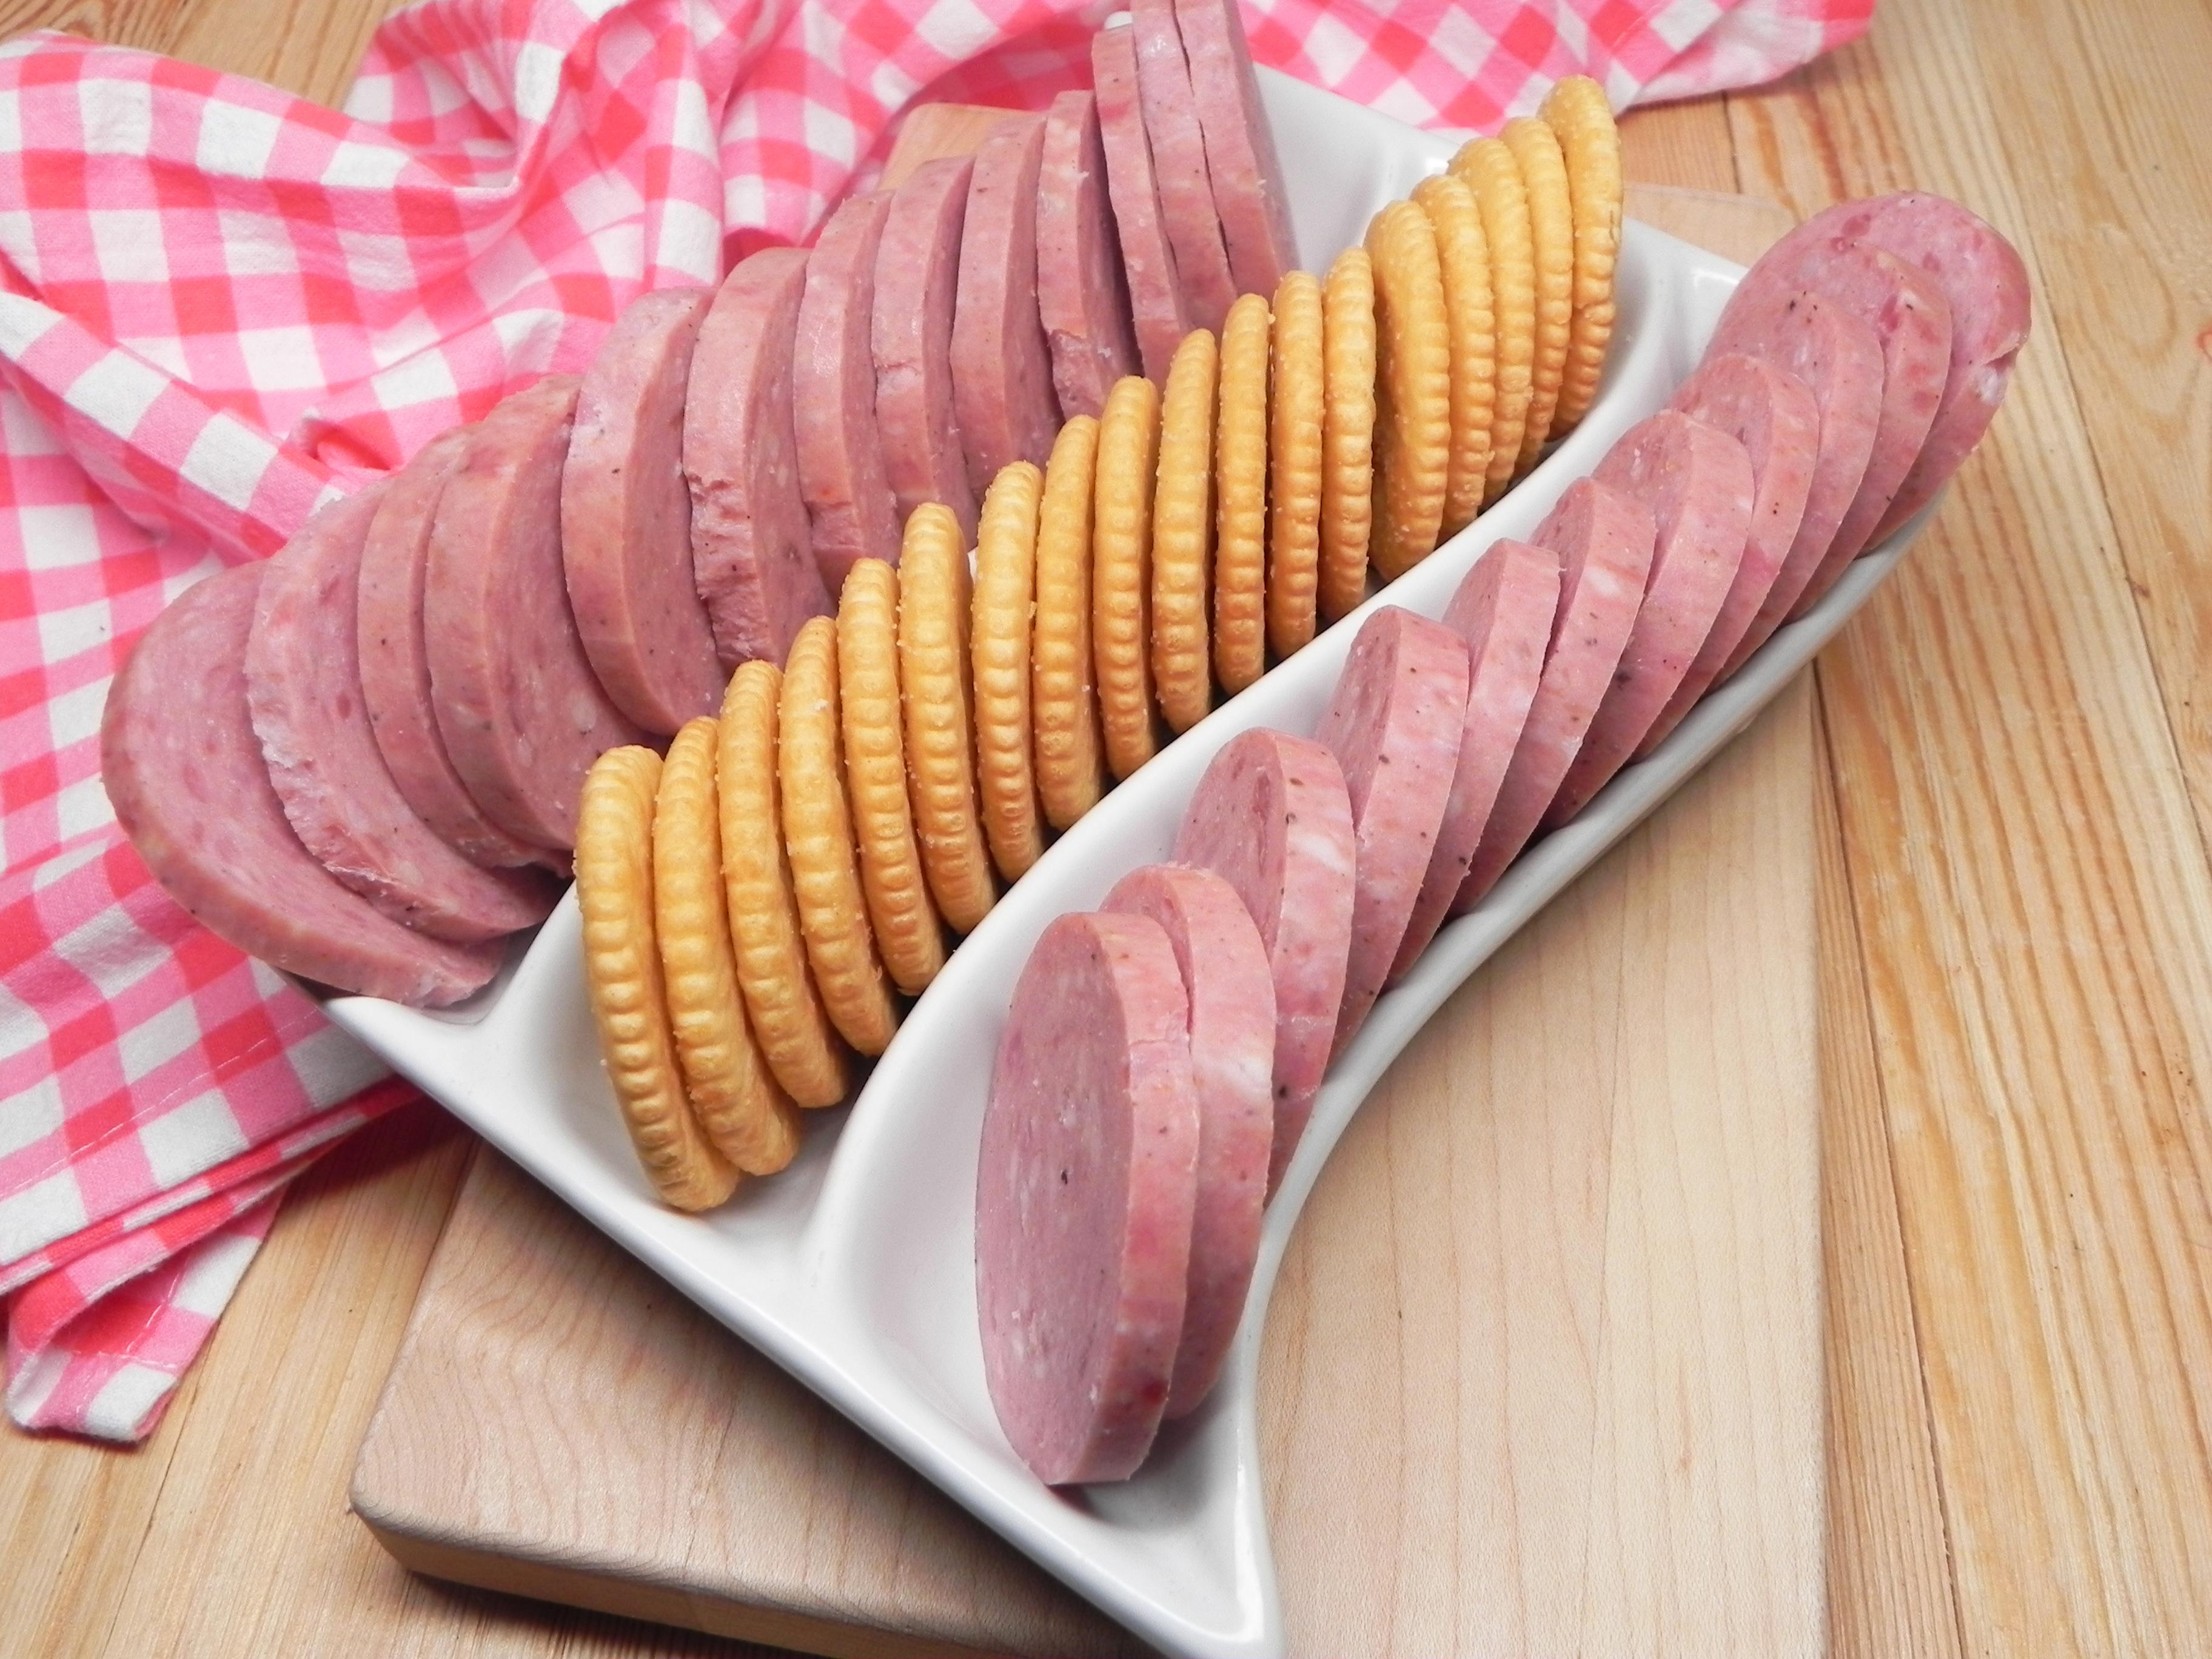 Picnic Sausage ED PARKER